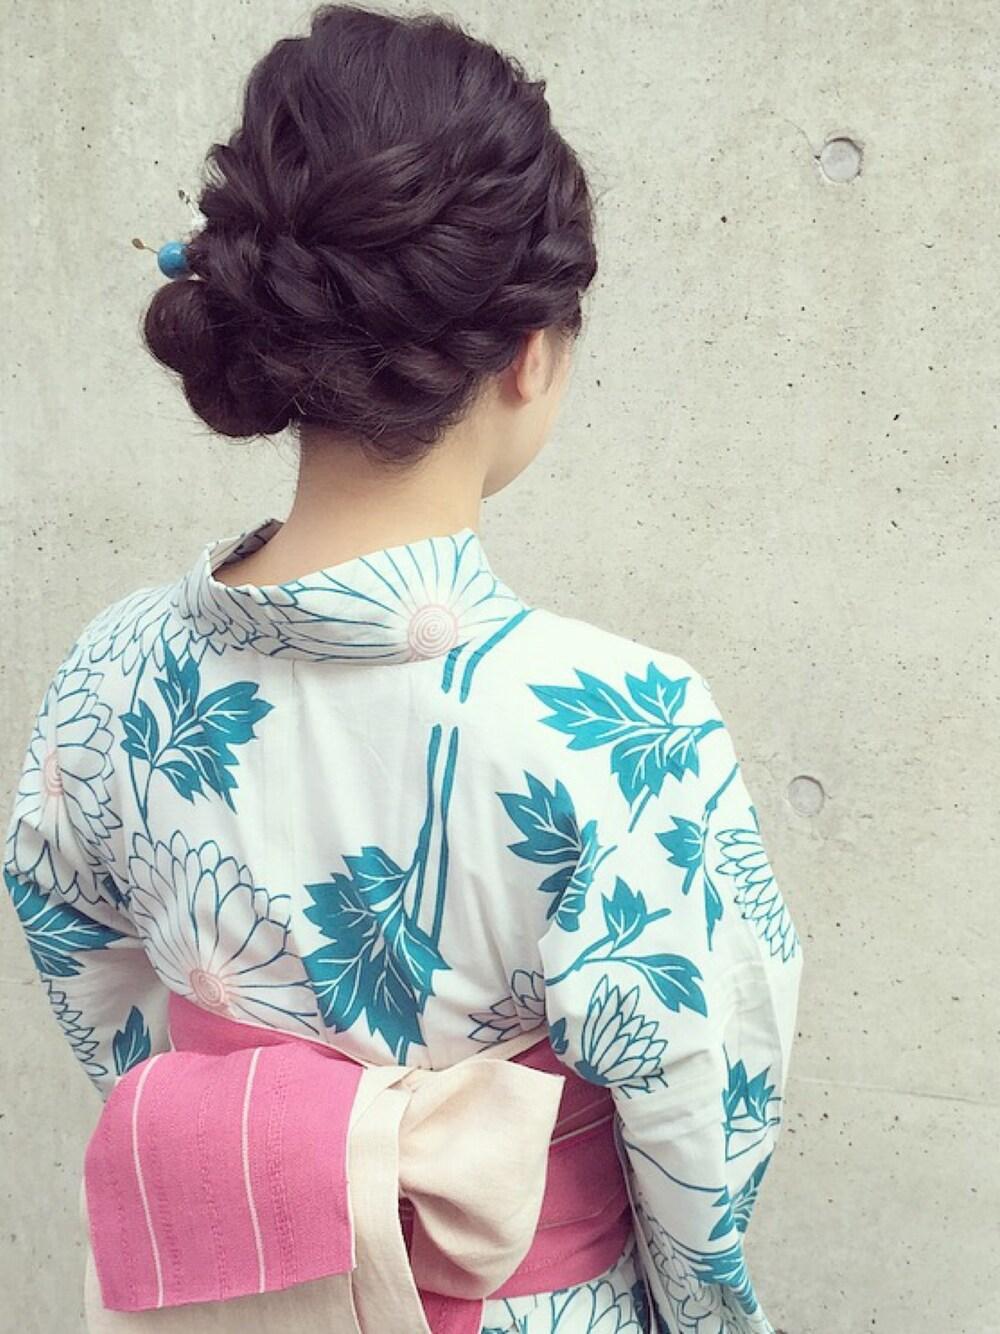 結婚式に振袖で参列 三つ編みアップヘア